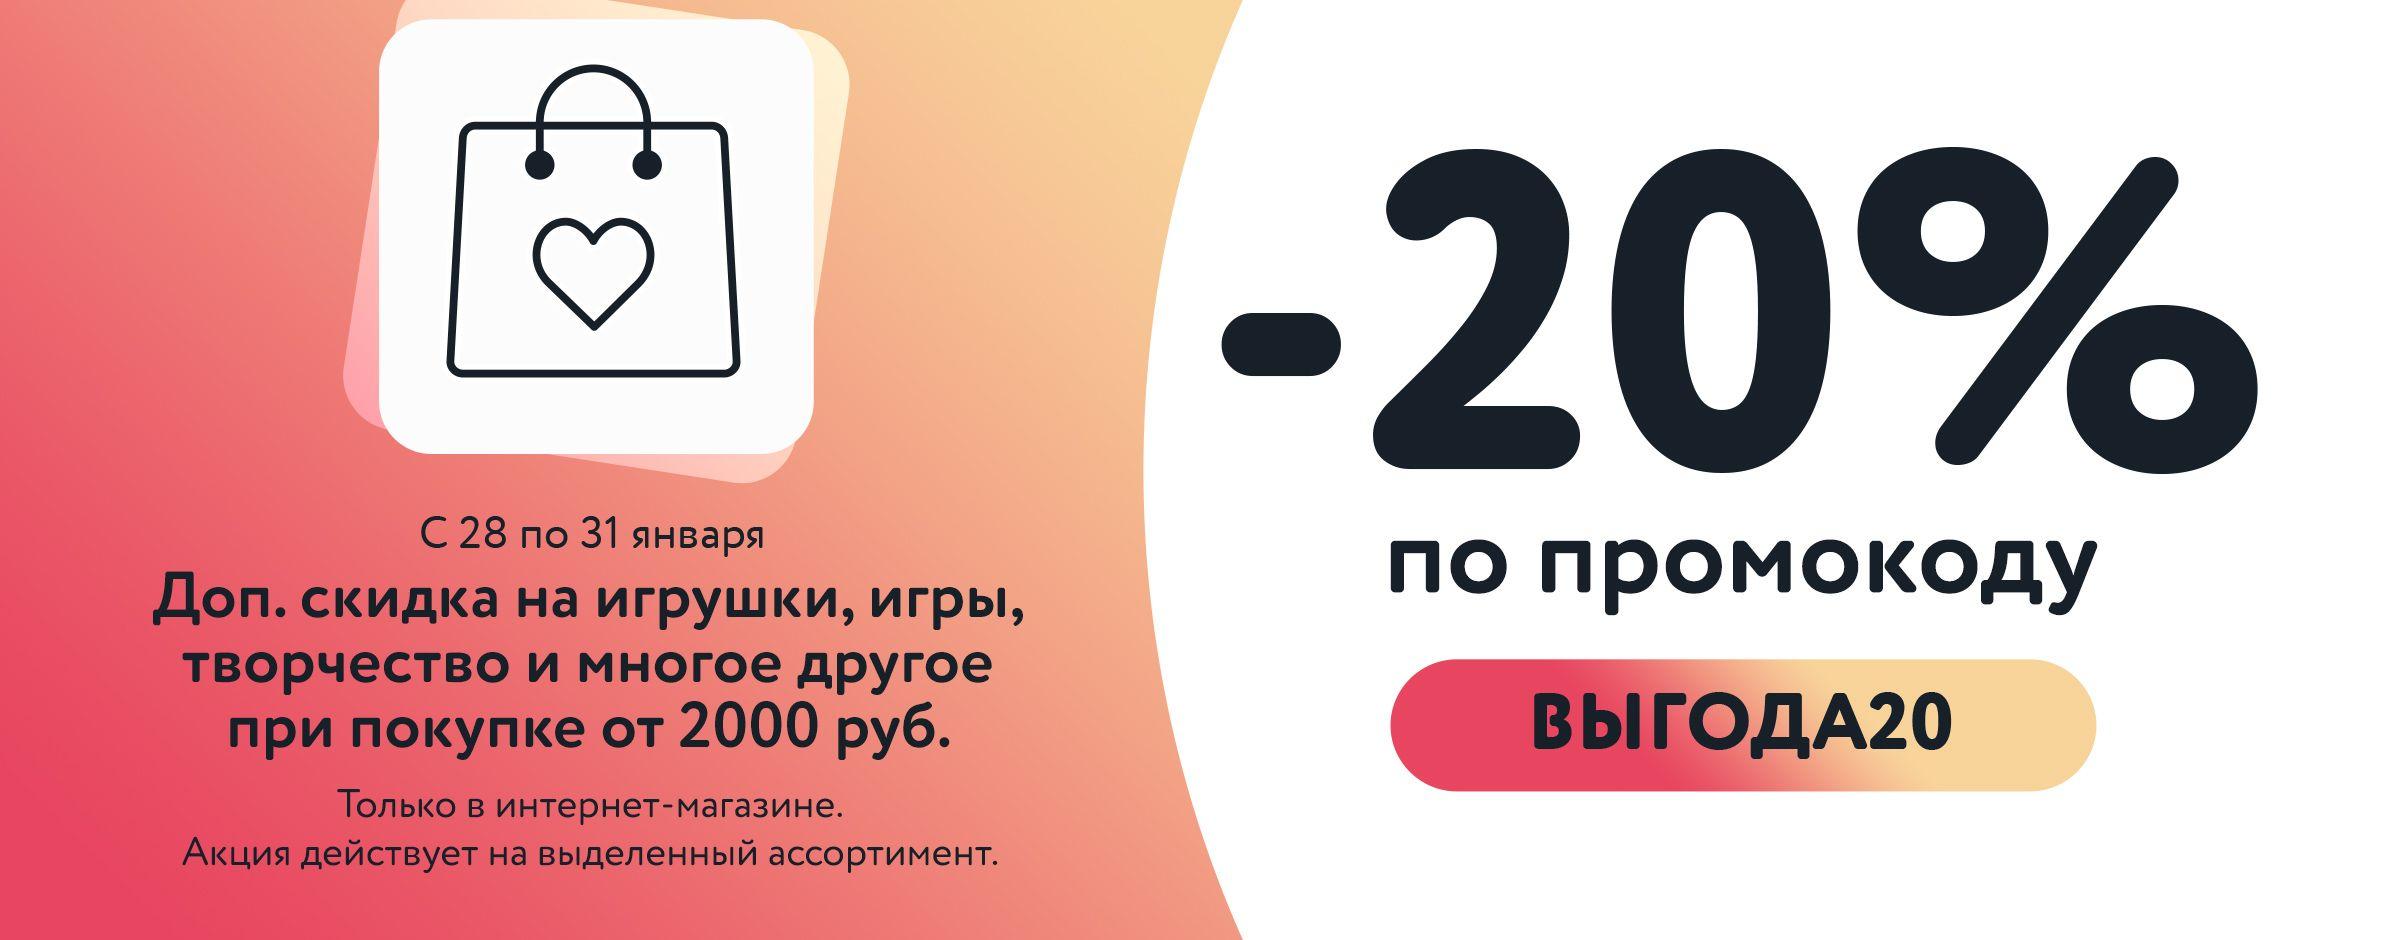 Доп. скидка 20% на игрушки, игры, творчество и многое другое при покупке на 2000р по промокоду С